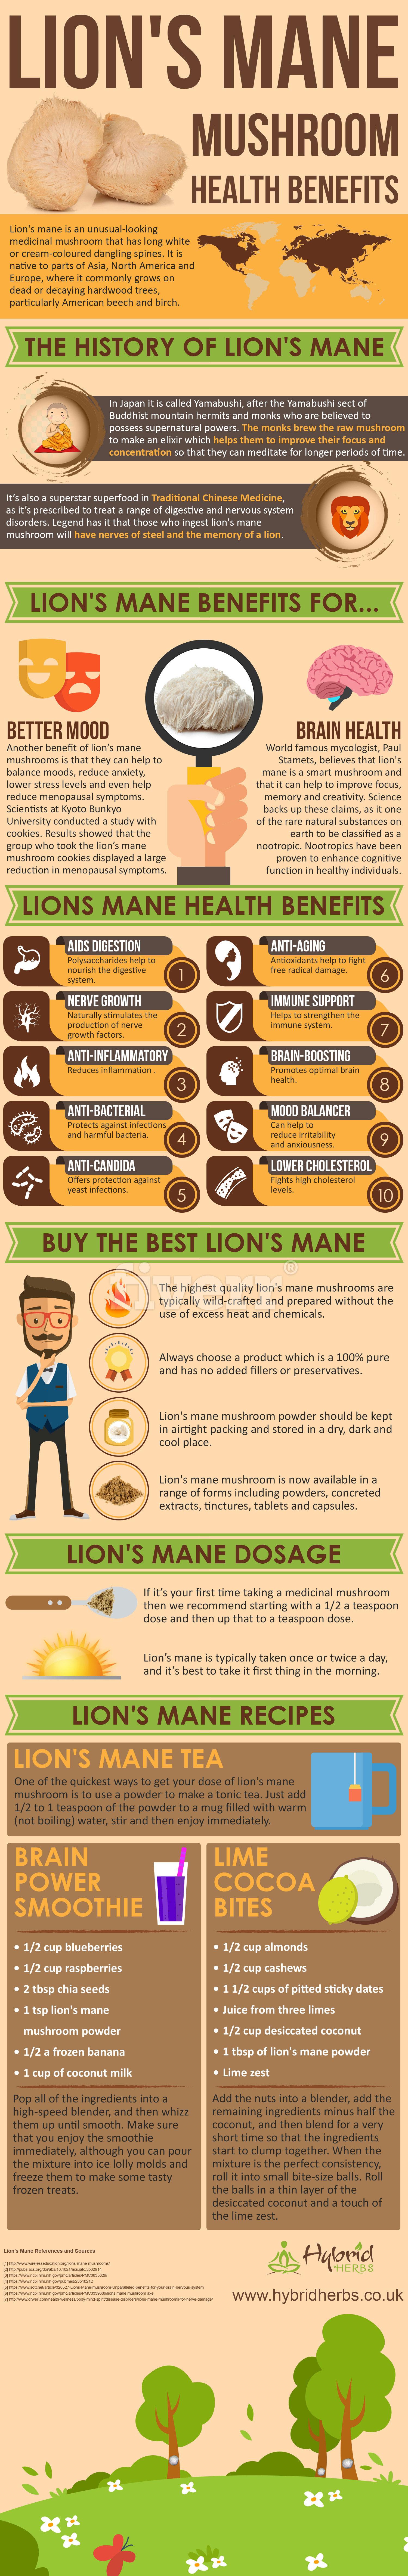 Lion S Mane Mushroom Uk Benefits - Best Lion 2017